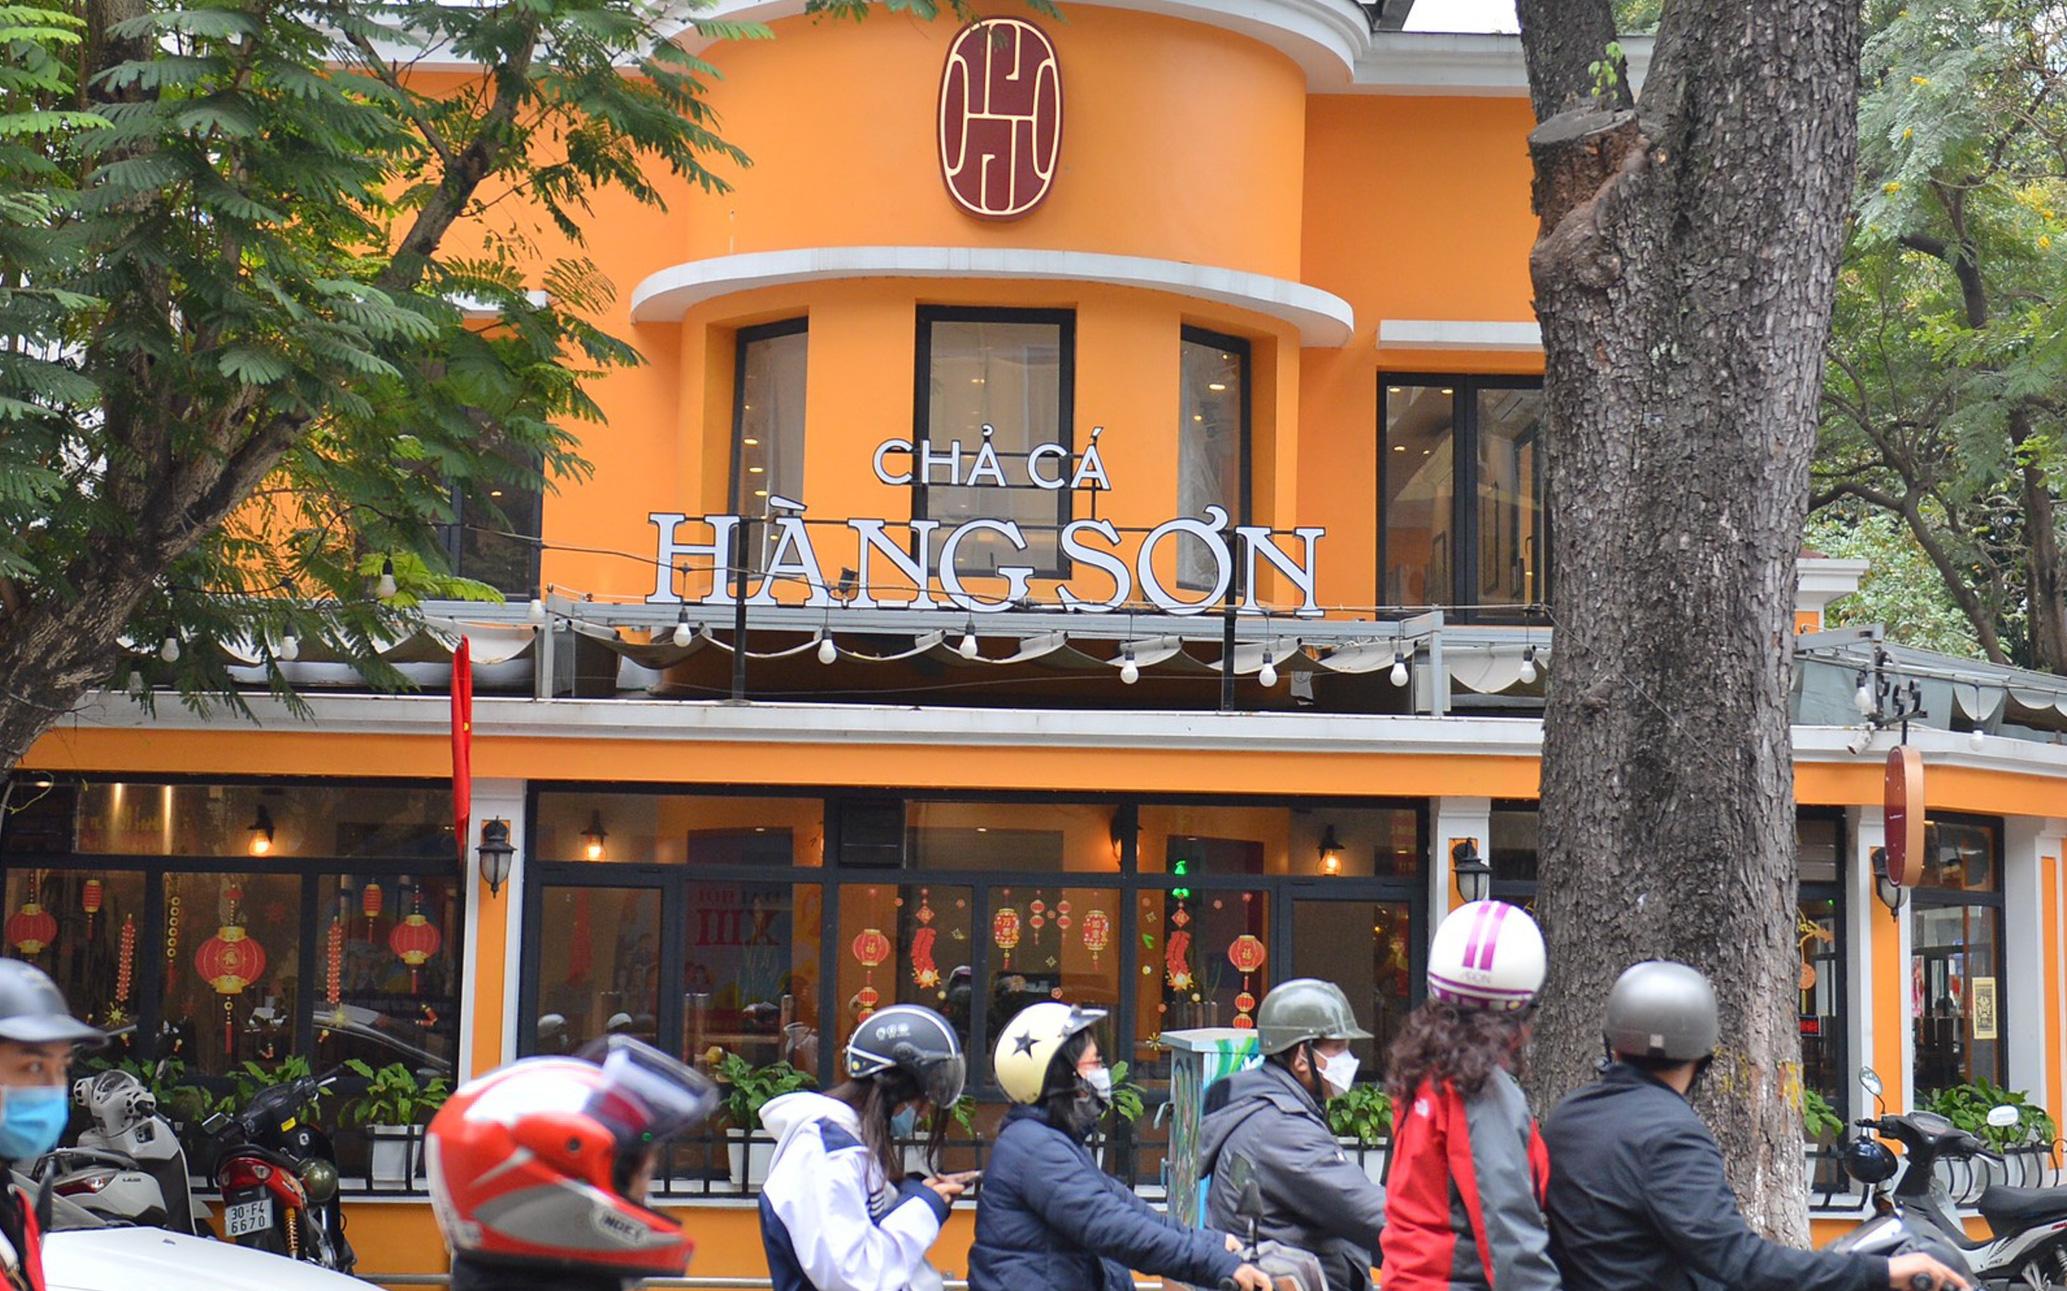 Hà Nội: Ca Covid-19 đến ăn tất niên, nhà hàng chả cá trên phố Bà Triệu phải đóng cửa